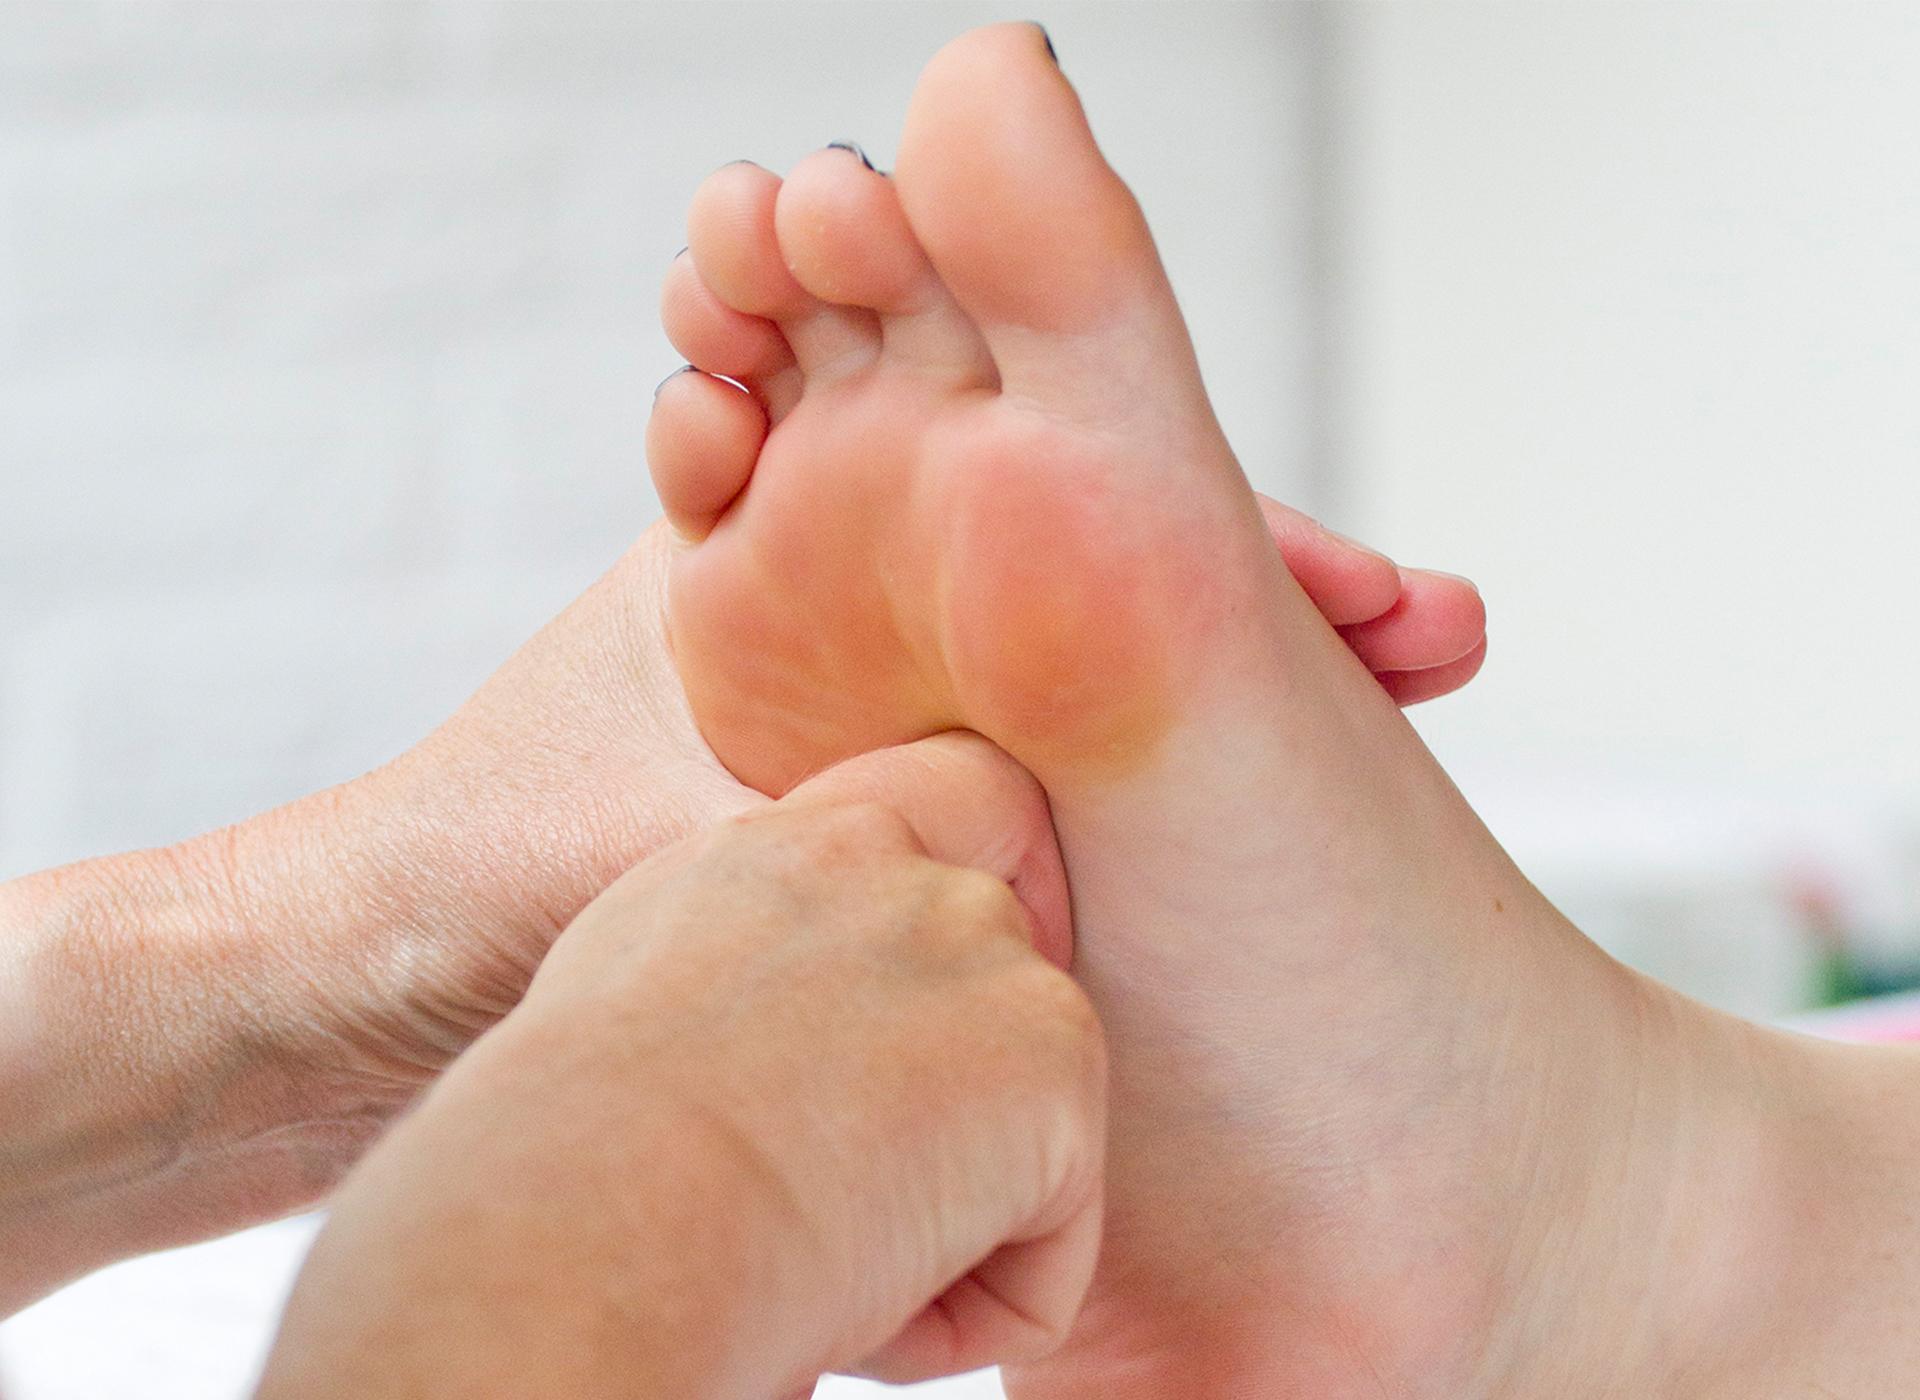 VoetreflexPlus massage/therapeutisch